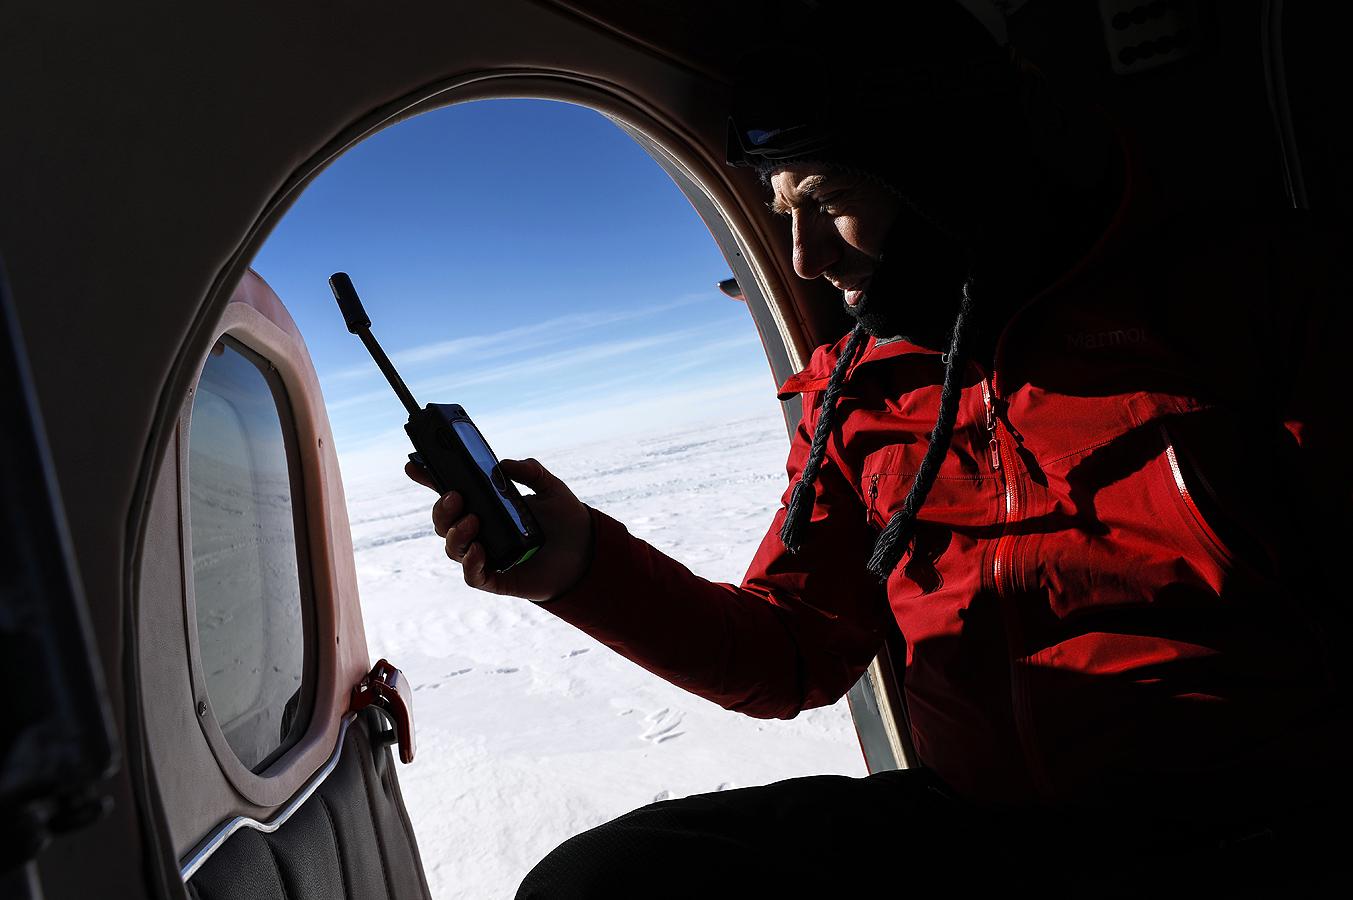 Военновъздушните сили организират транспорта до отдалечения лагер, разположен малко над 1000 километра от Южния полюс.